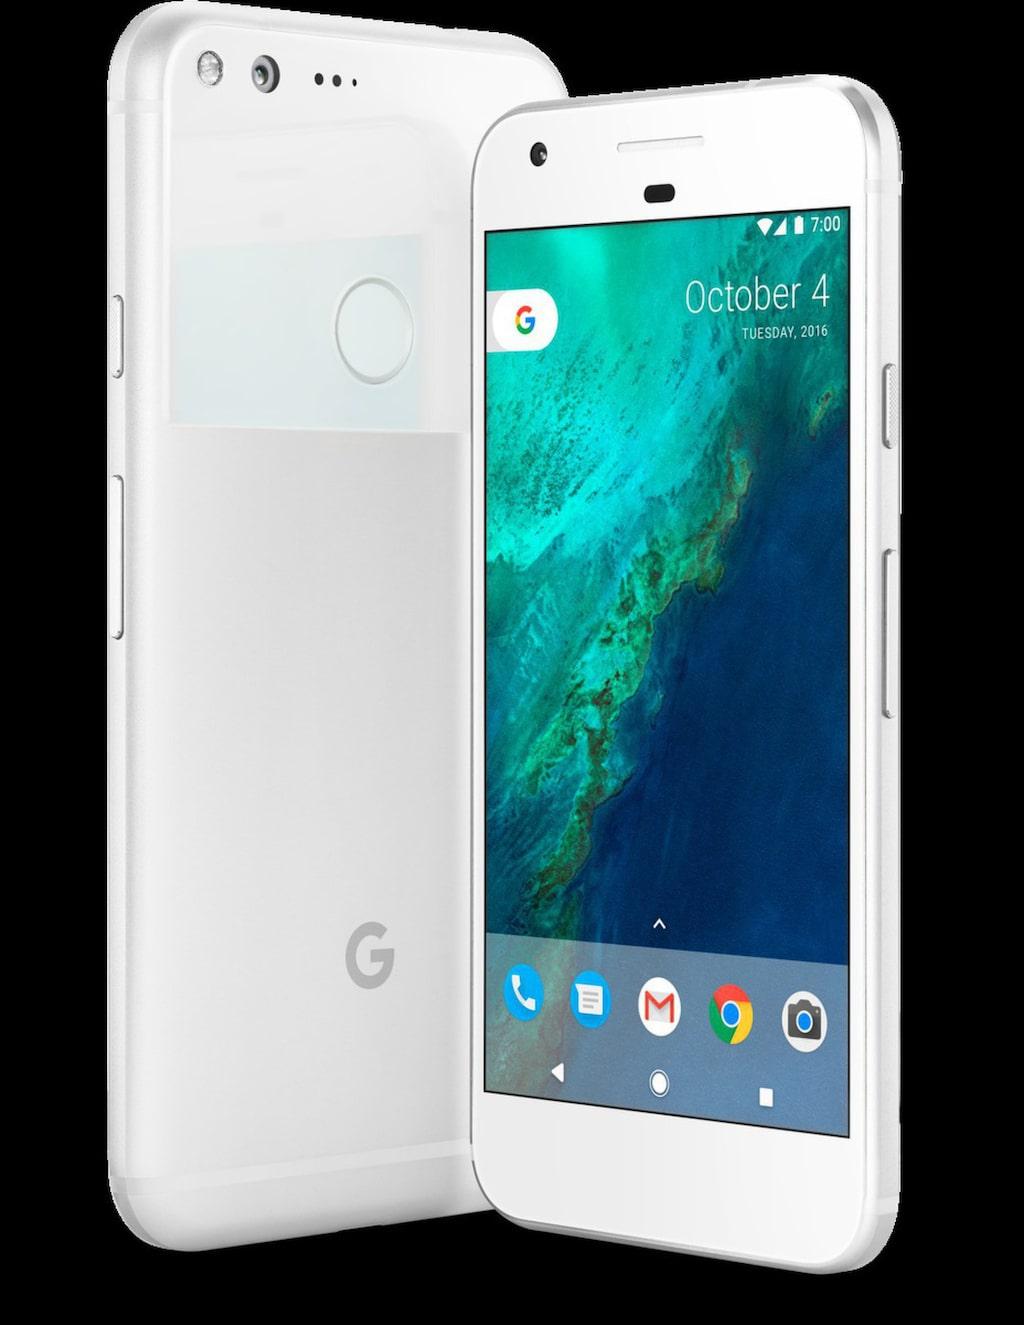 Snart släpps även Googles nya, omtalade smartphone Pixel i två olika storlekar.